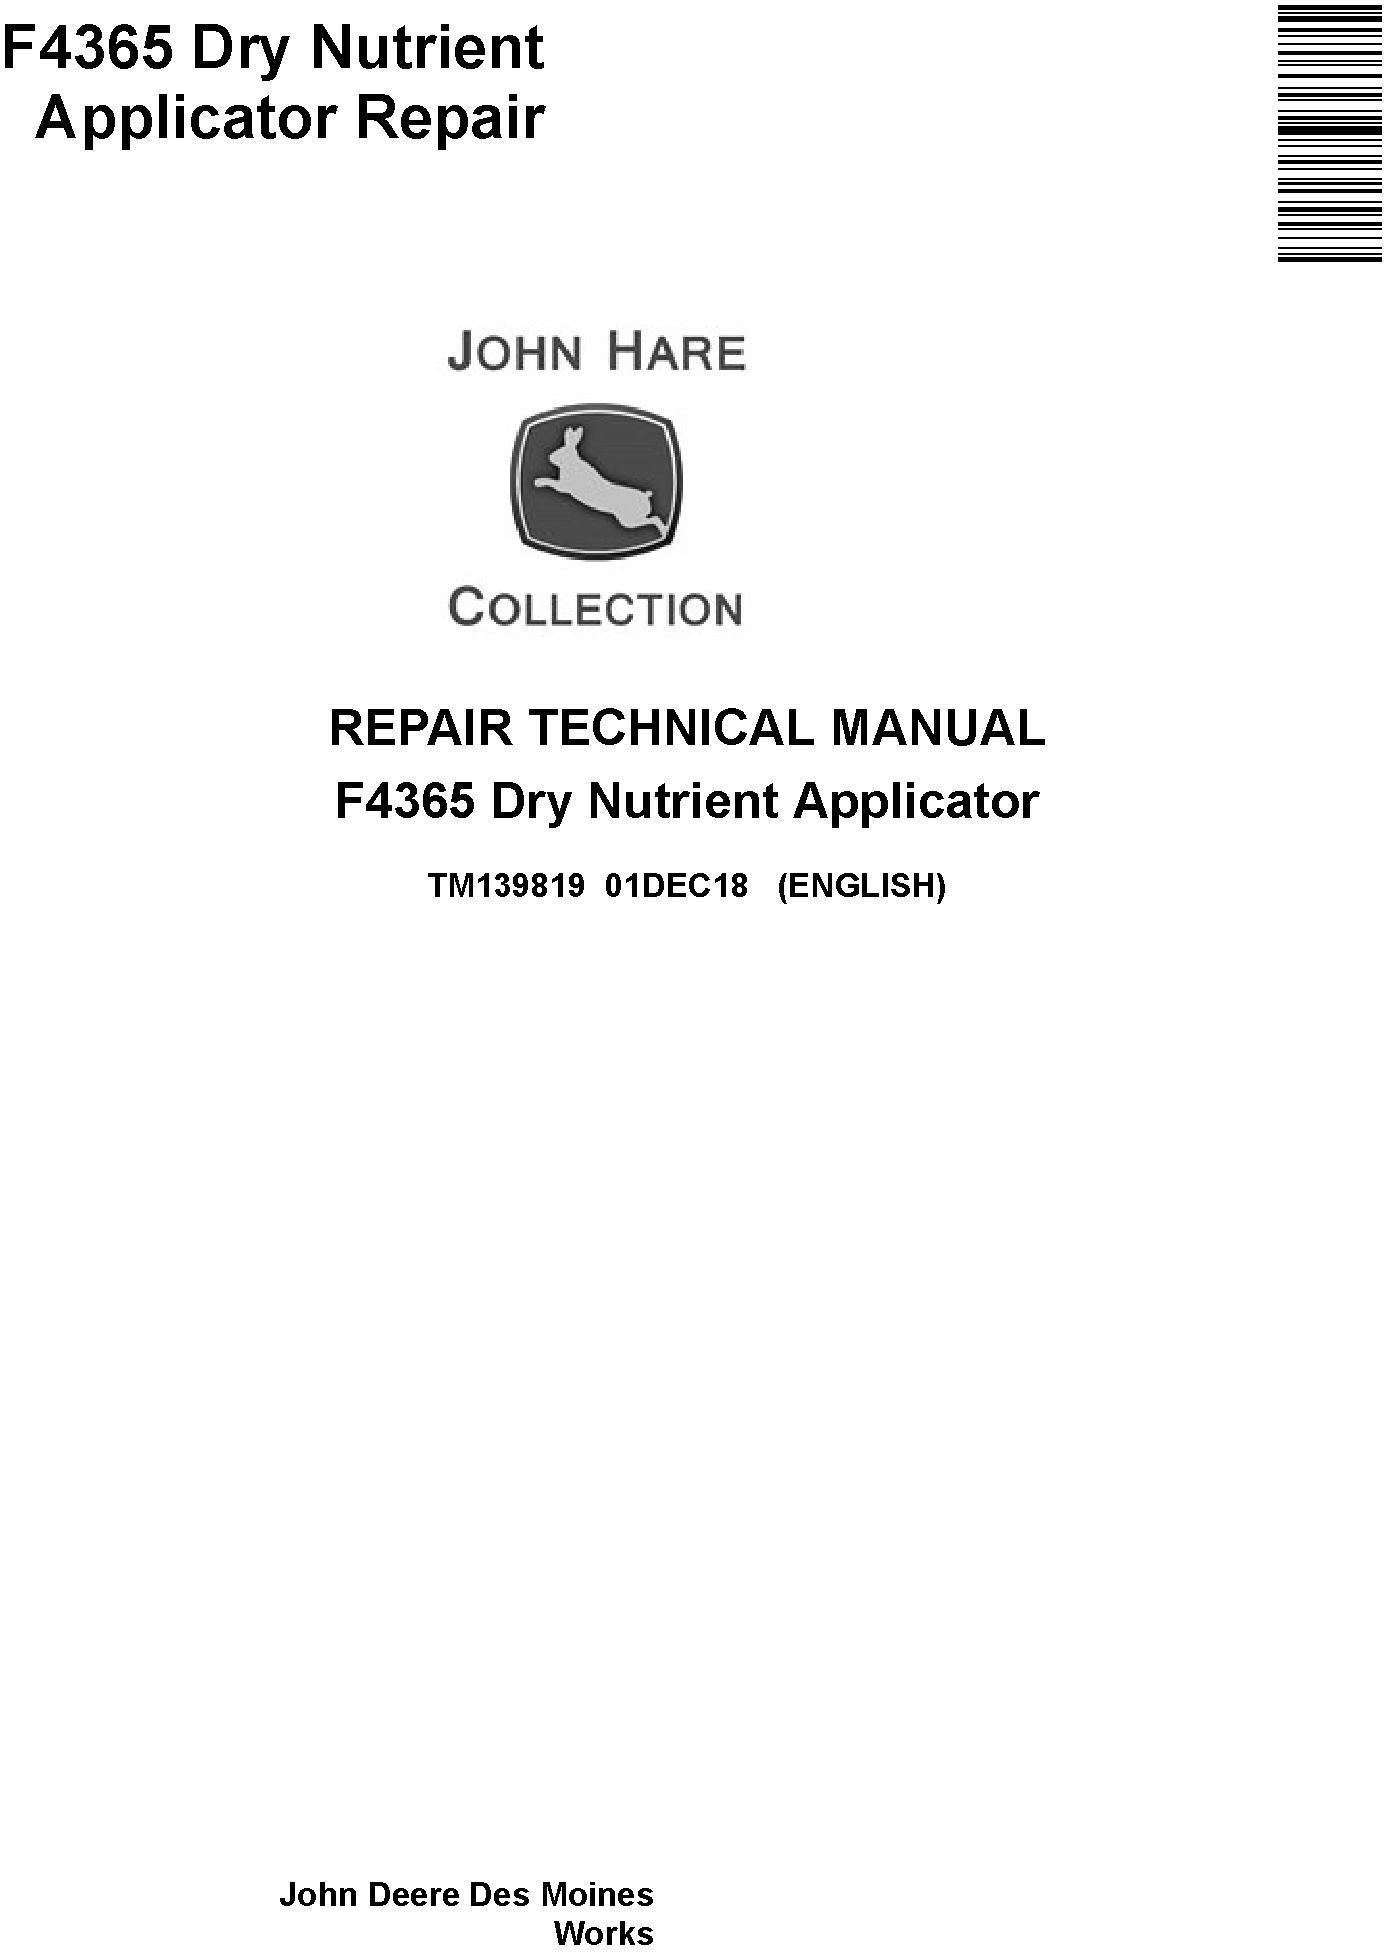 John Deere F4365 Applicator Repair Service Manual Manual Guide